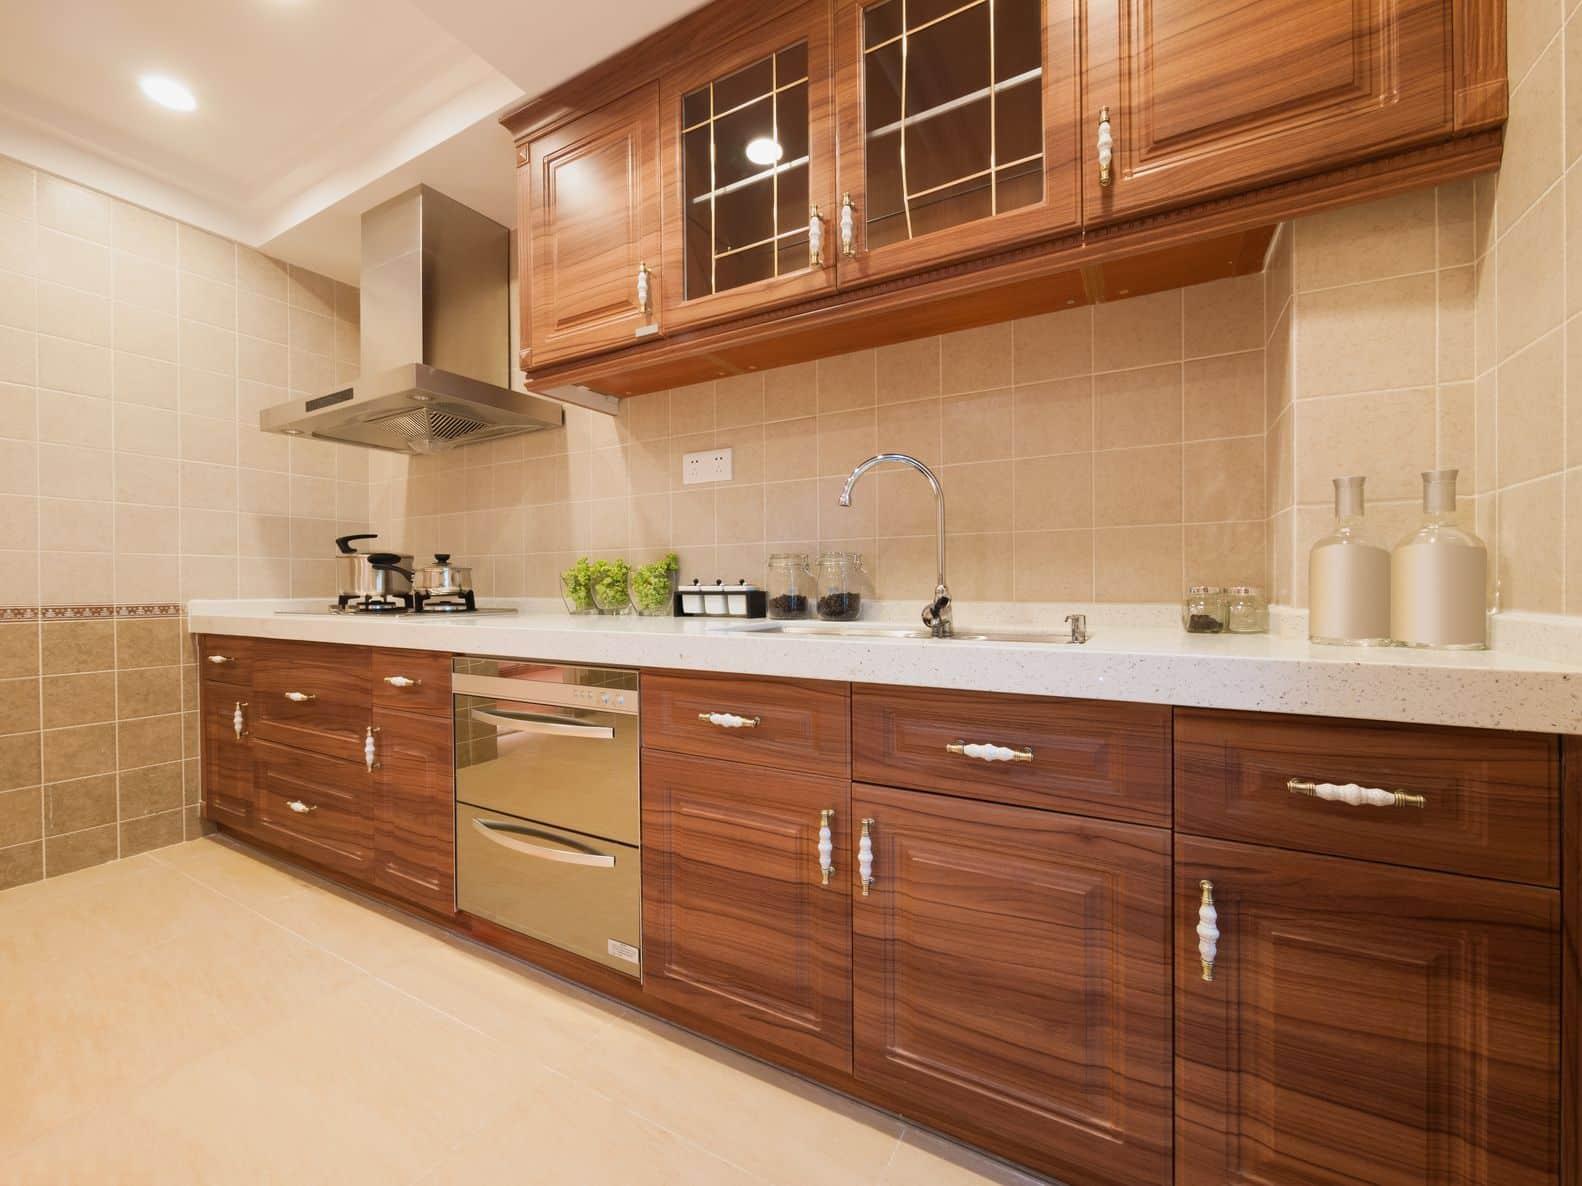 מטבחים מעץ מעצבי מטבחים קלאסיים מנוסים עם מתן אחריות לעבודתם שיודעים להתאים לכל לקוח מטבחים מתאימים תוך כדי הפעלת ציוד מקצועי לניסור עץ במטבח הלקוח